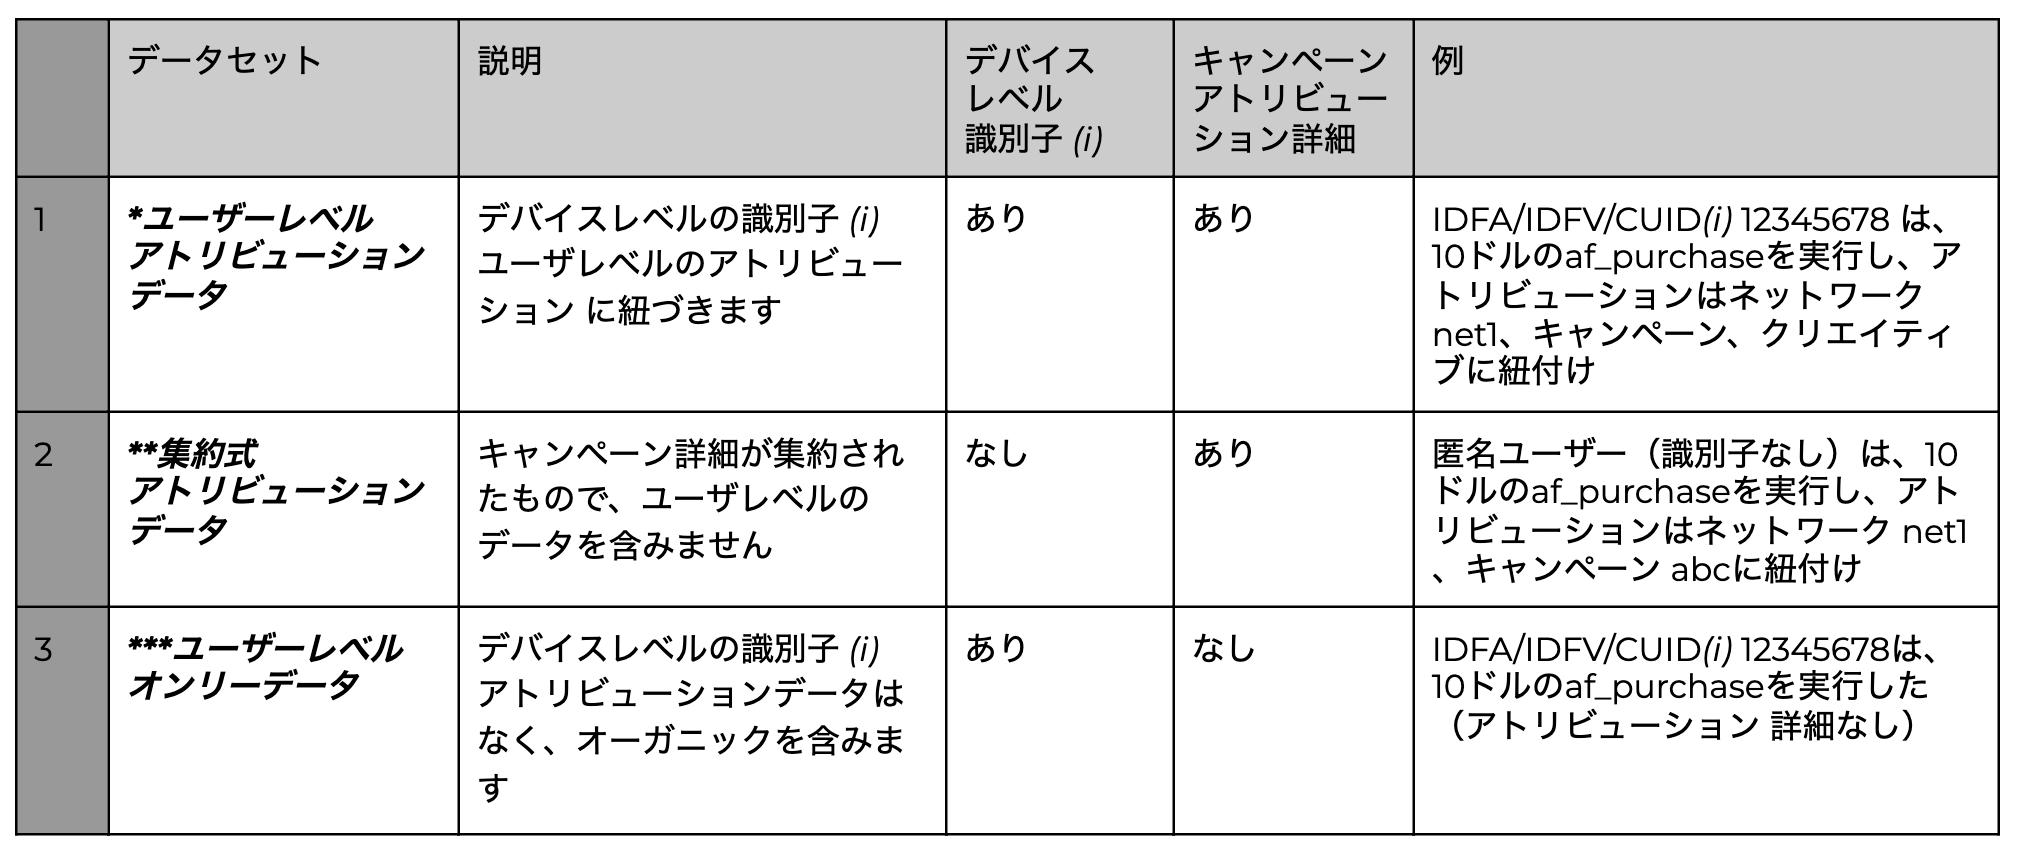 データセット定義 - アトリビューションデータ iOS14